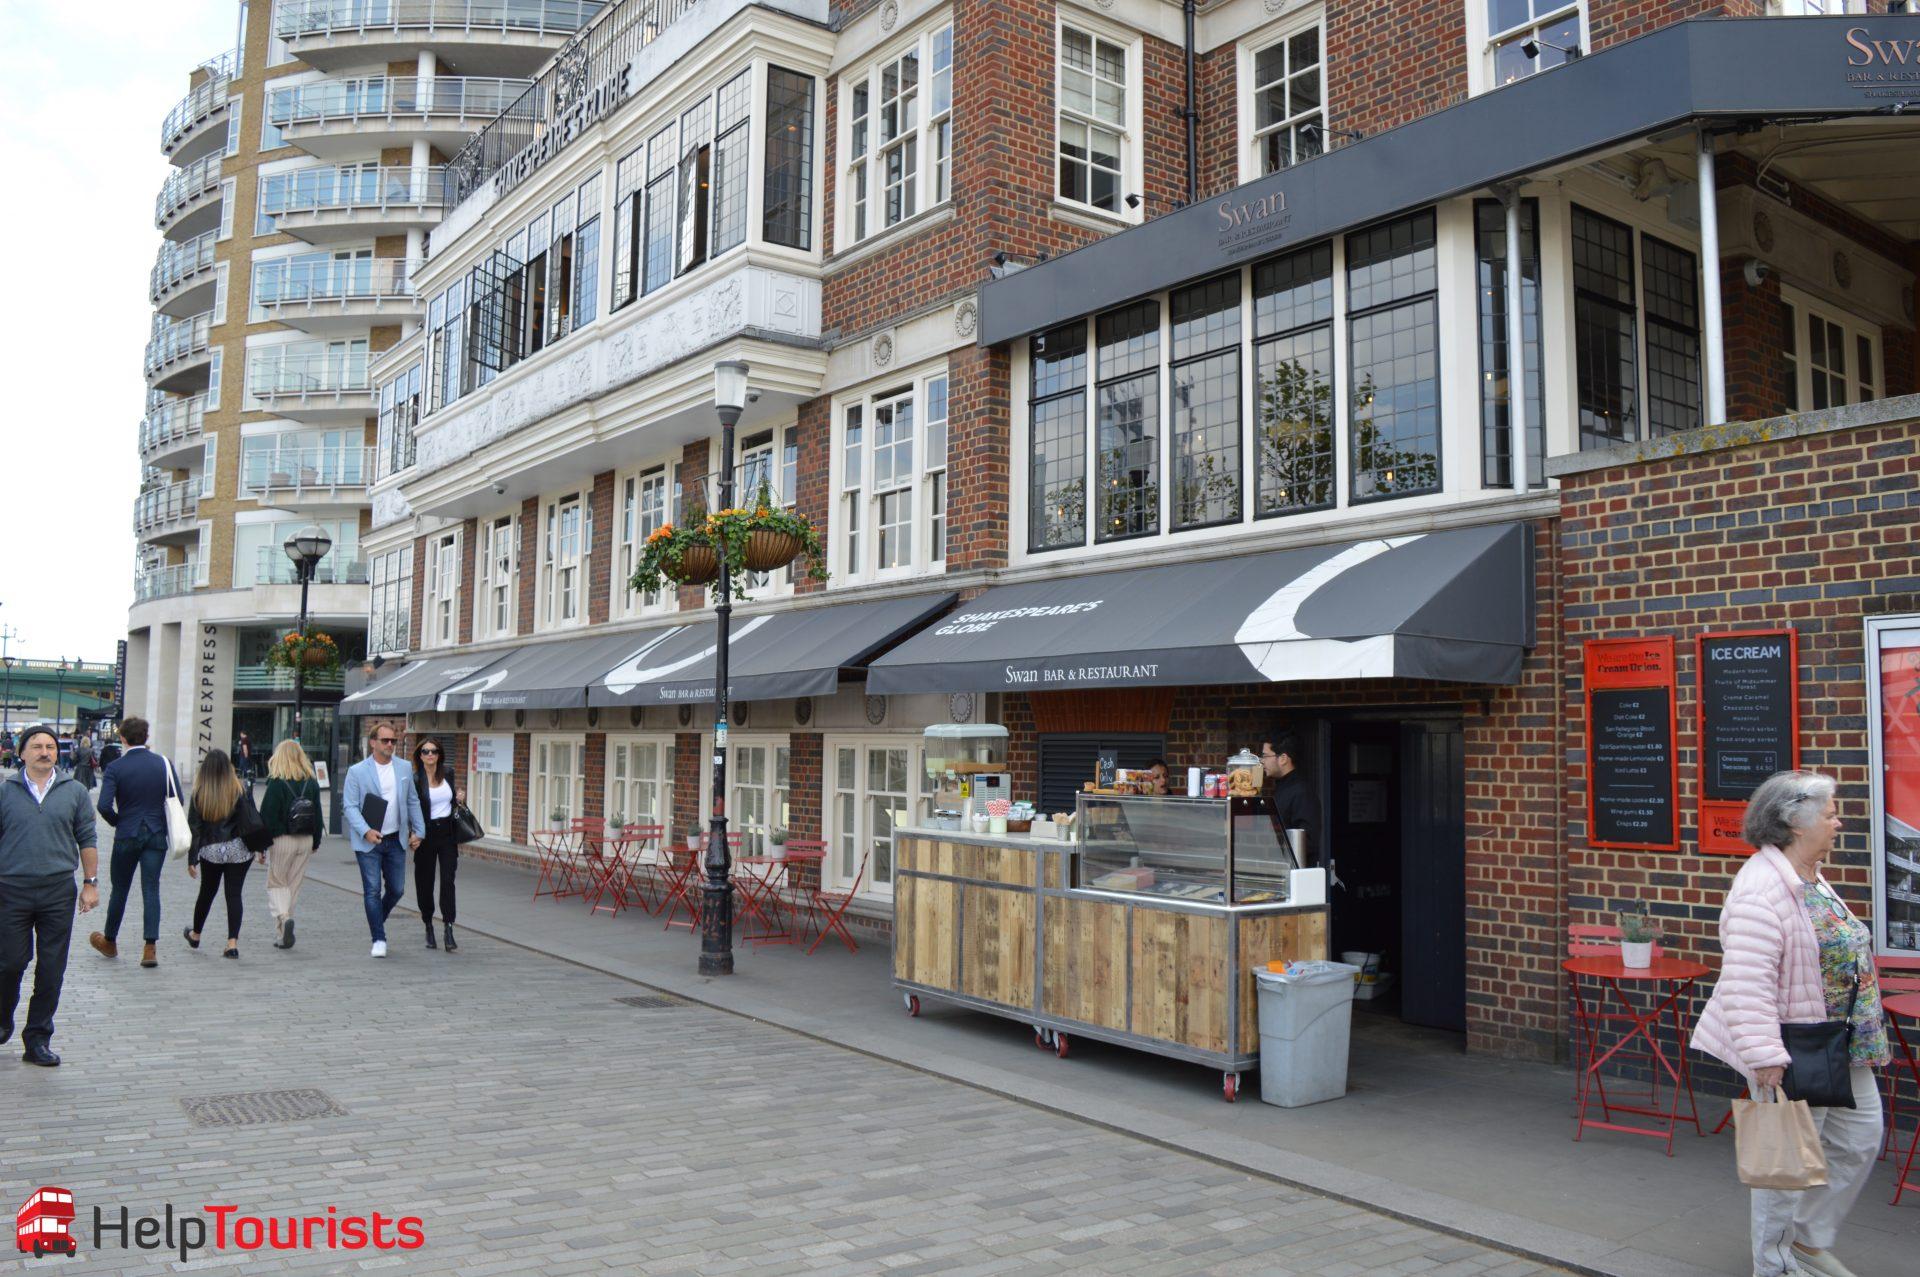 Swan Restaurant und Eis neben Shakespeare's Globe